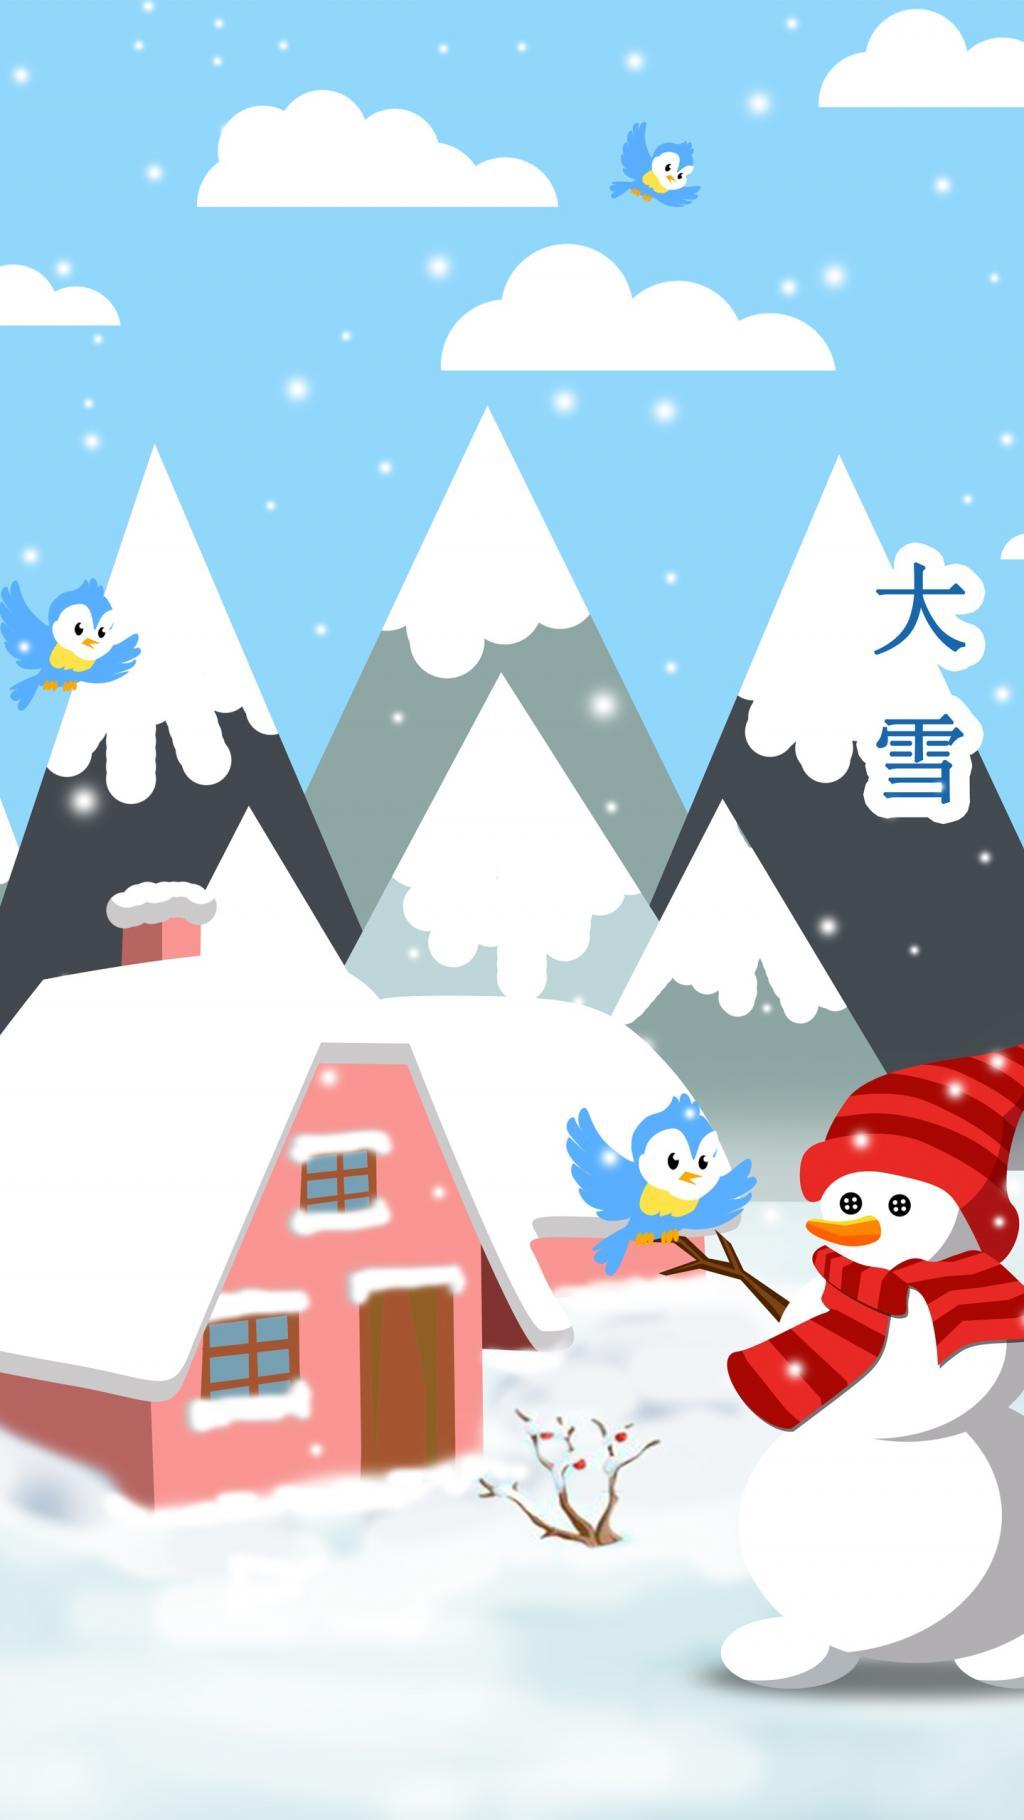 卡通大雪主题手机高清壁纸图片